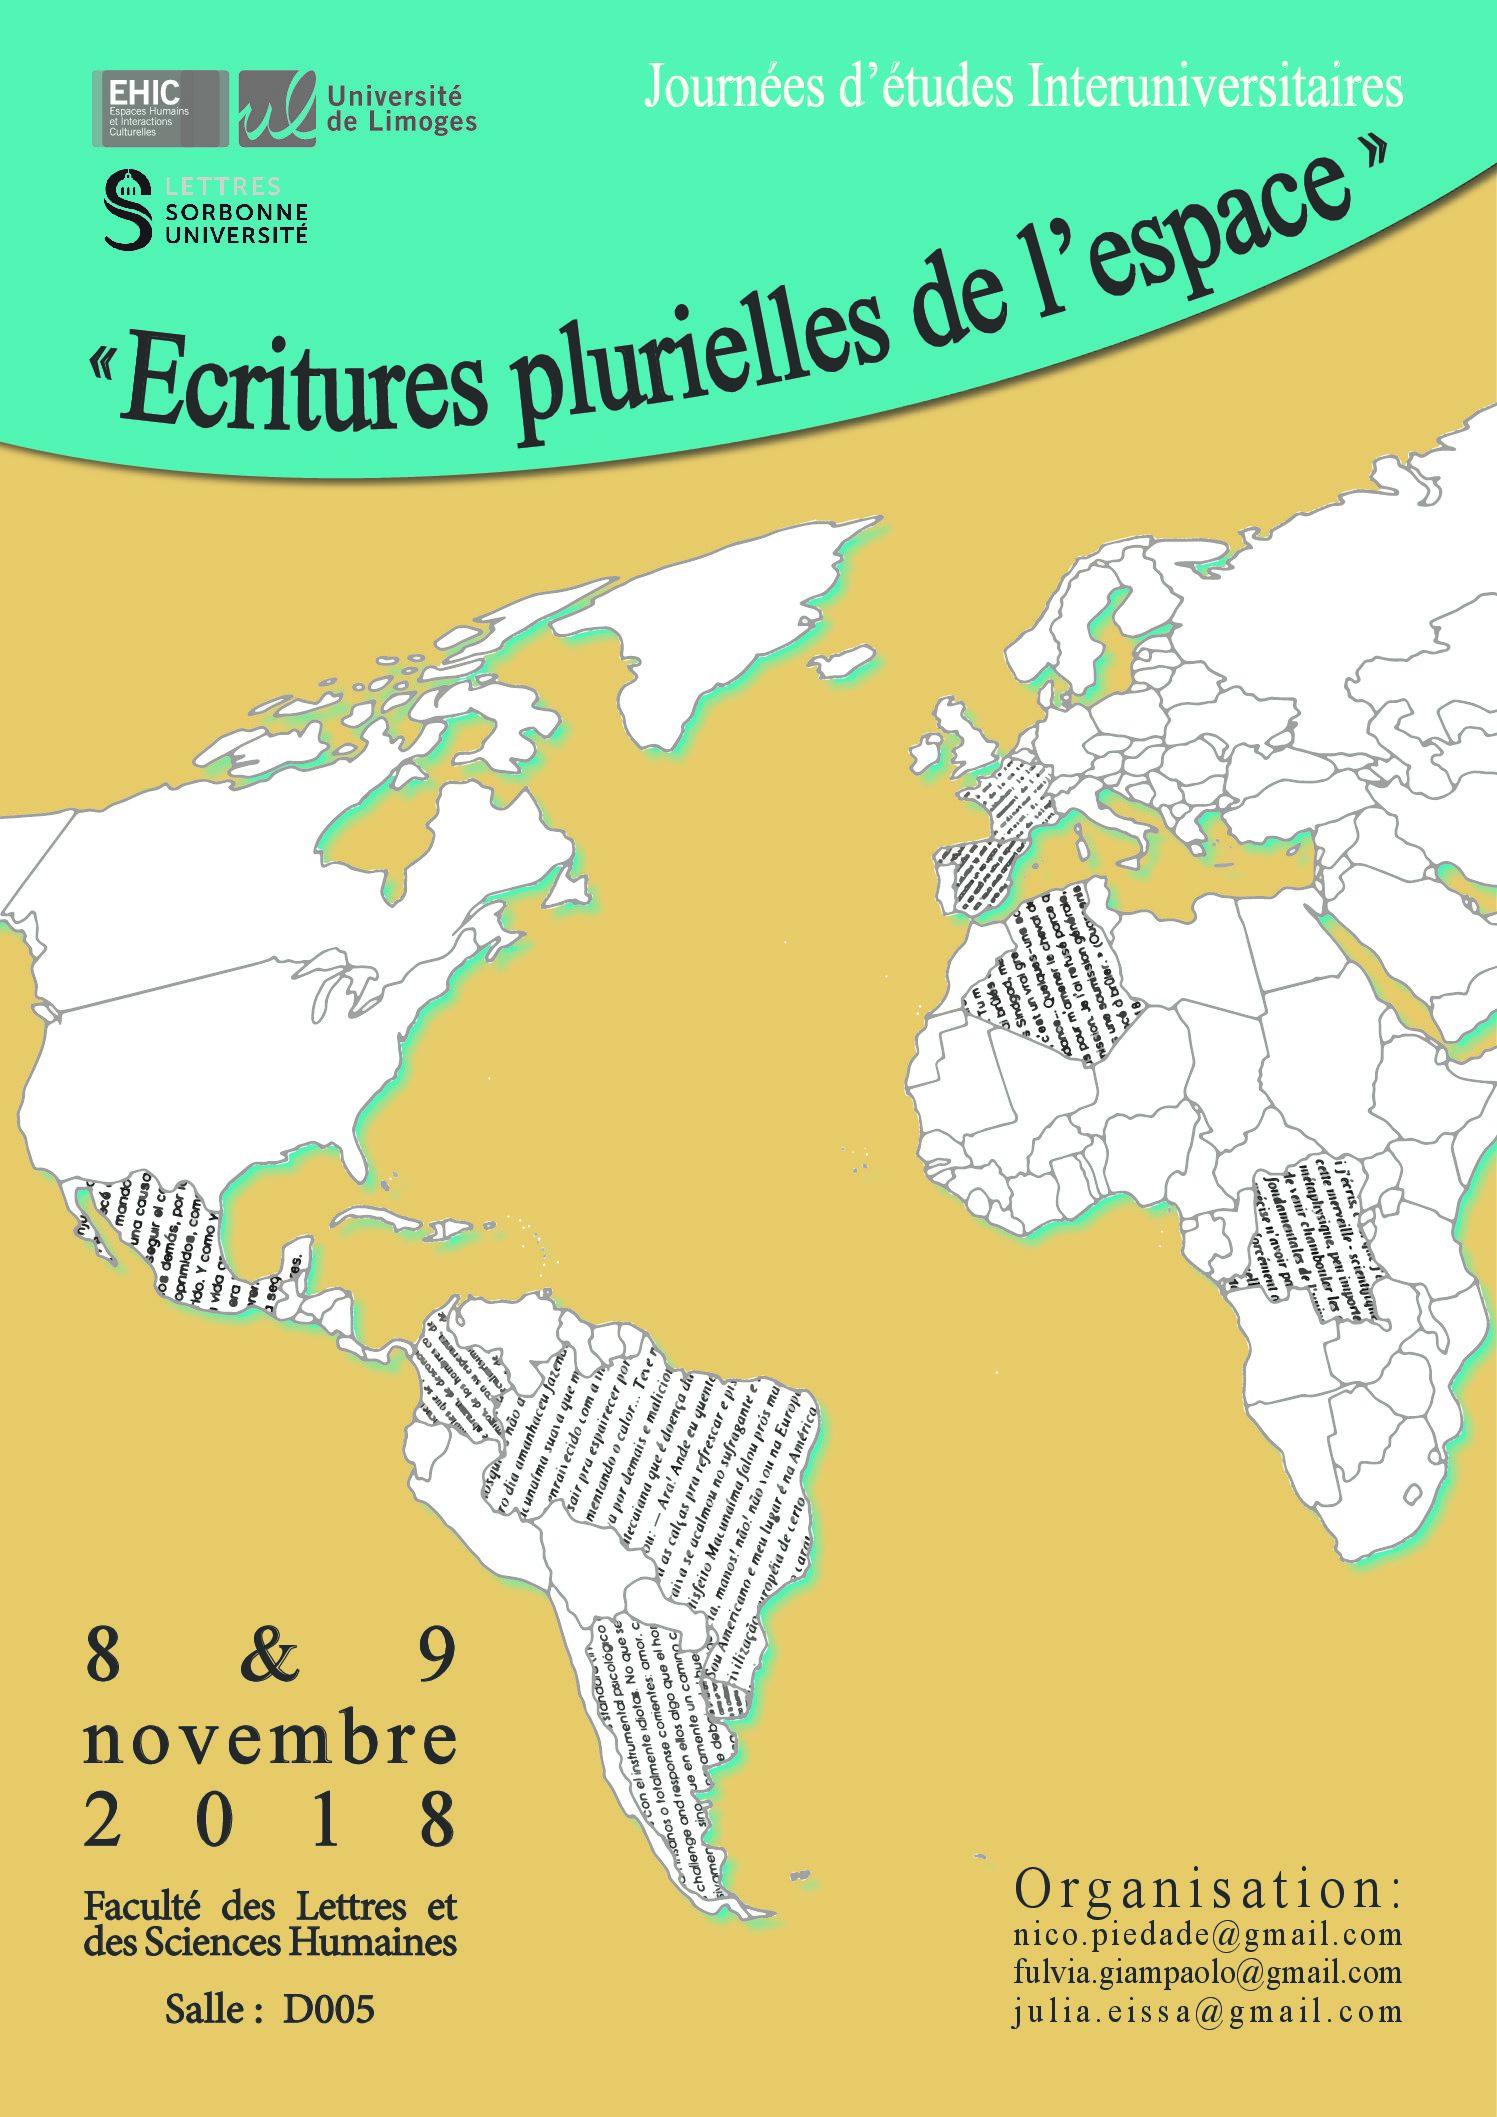 Journées d'études interuniversitaires  « Ecritures plurielles de l'espace »